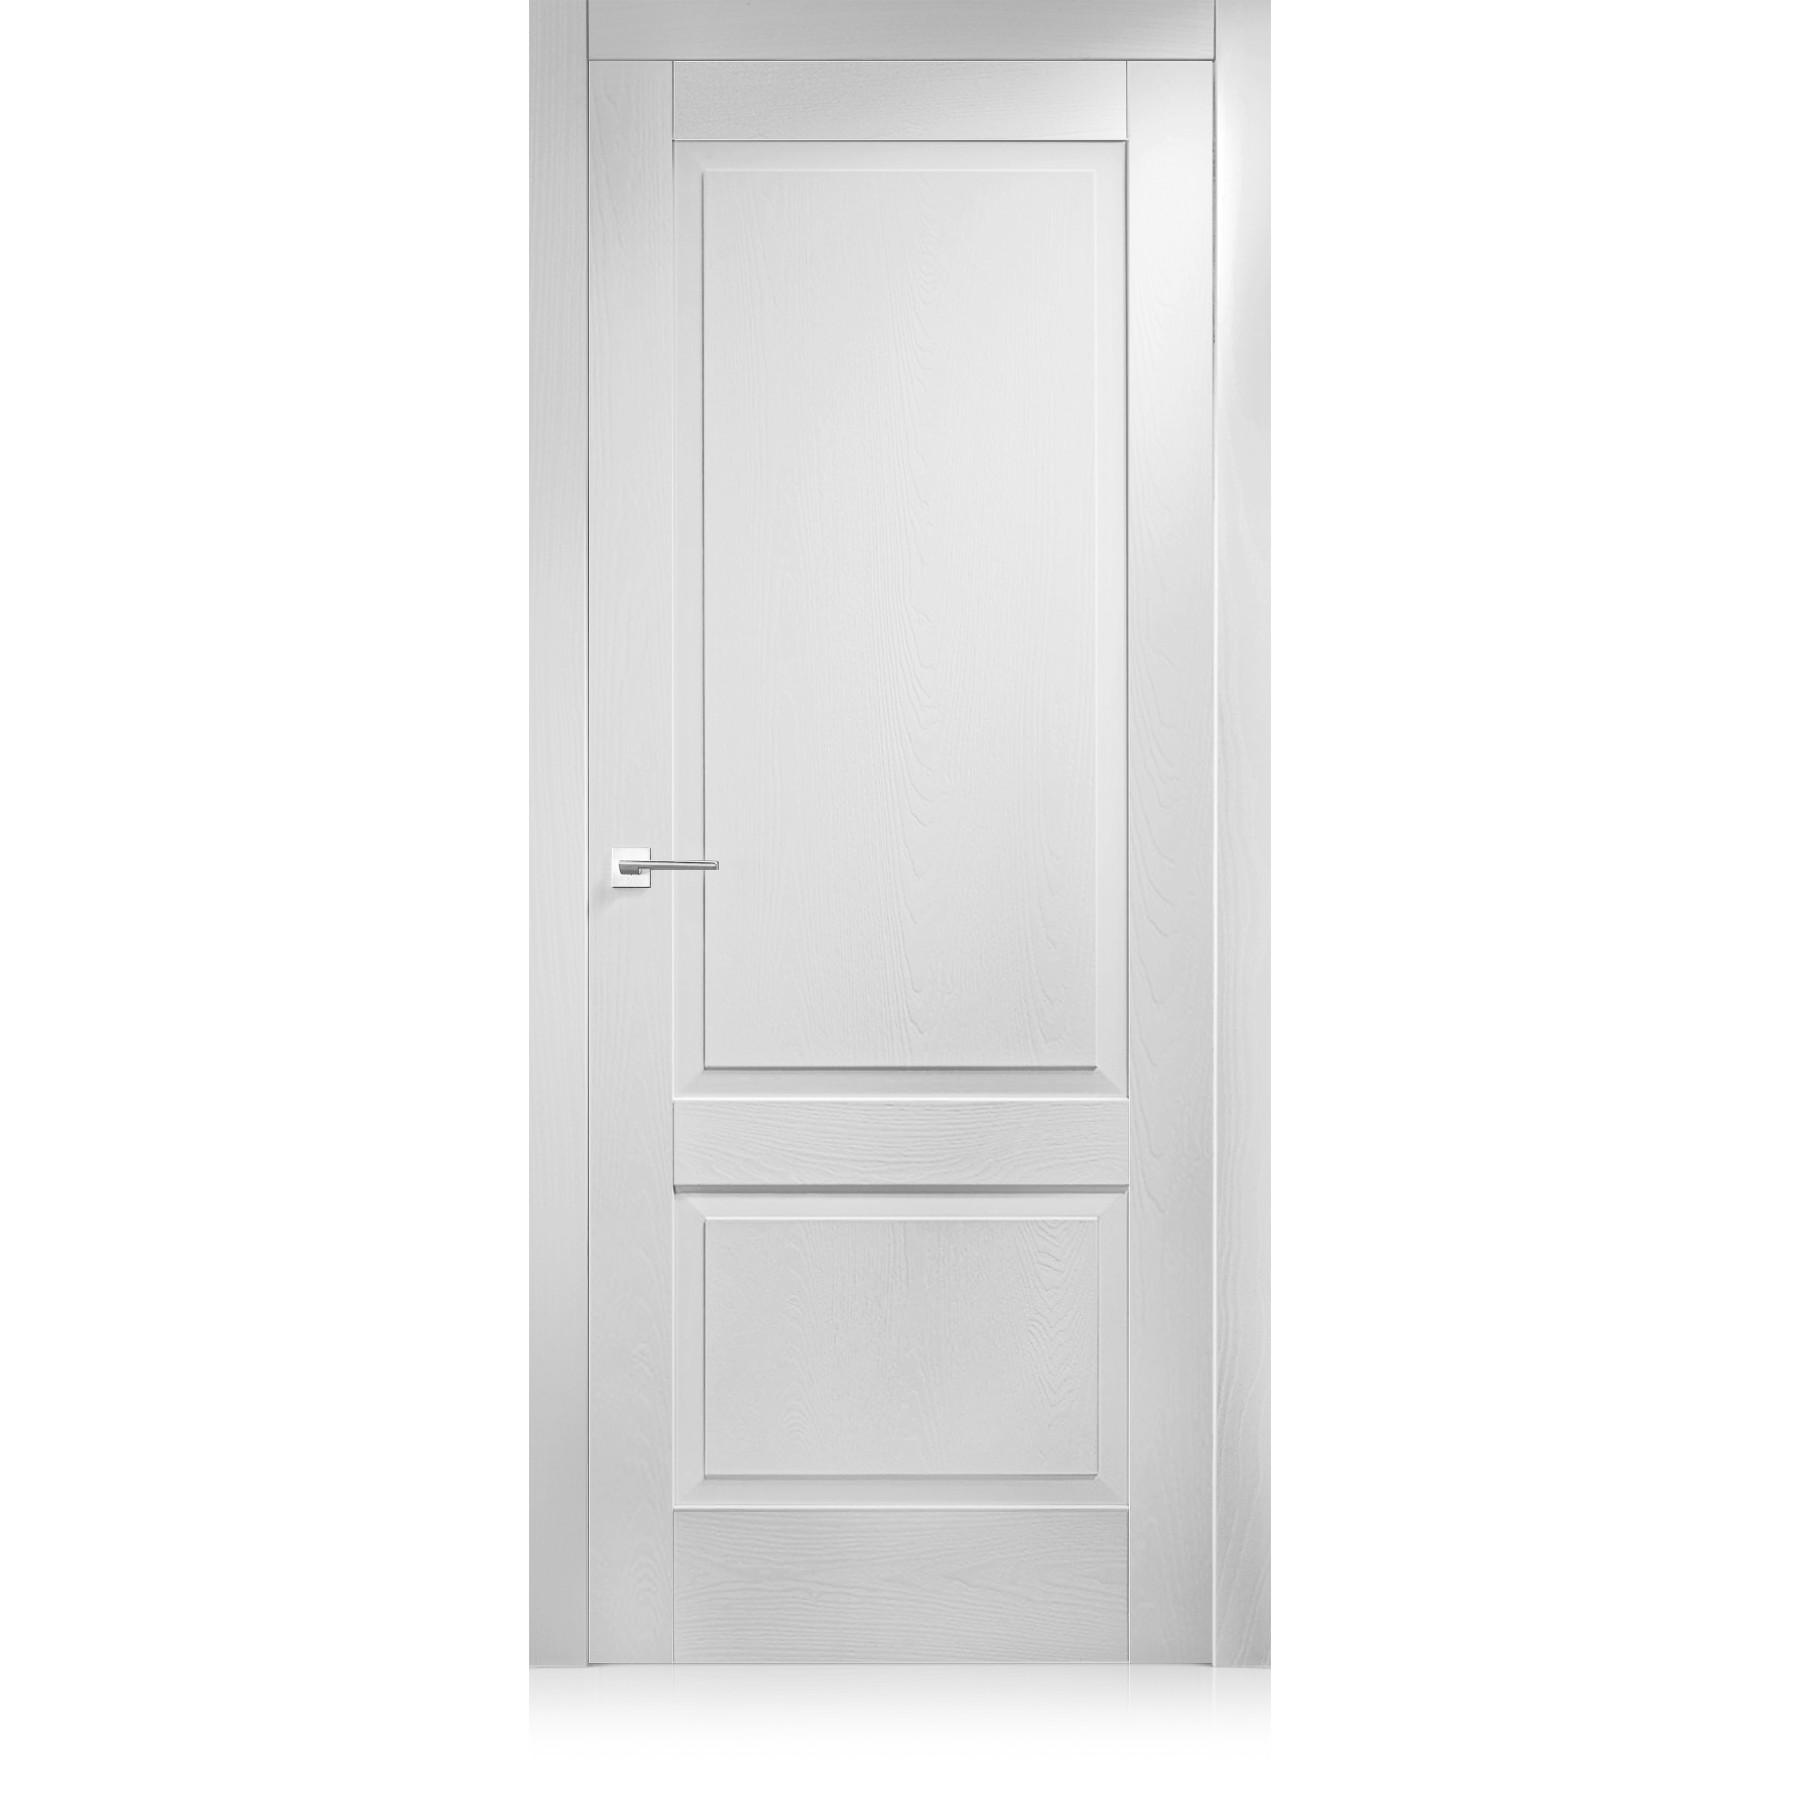 Suite / 22 trame bianco optical door